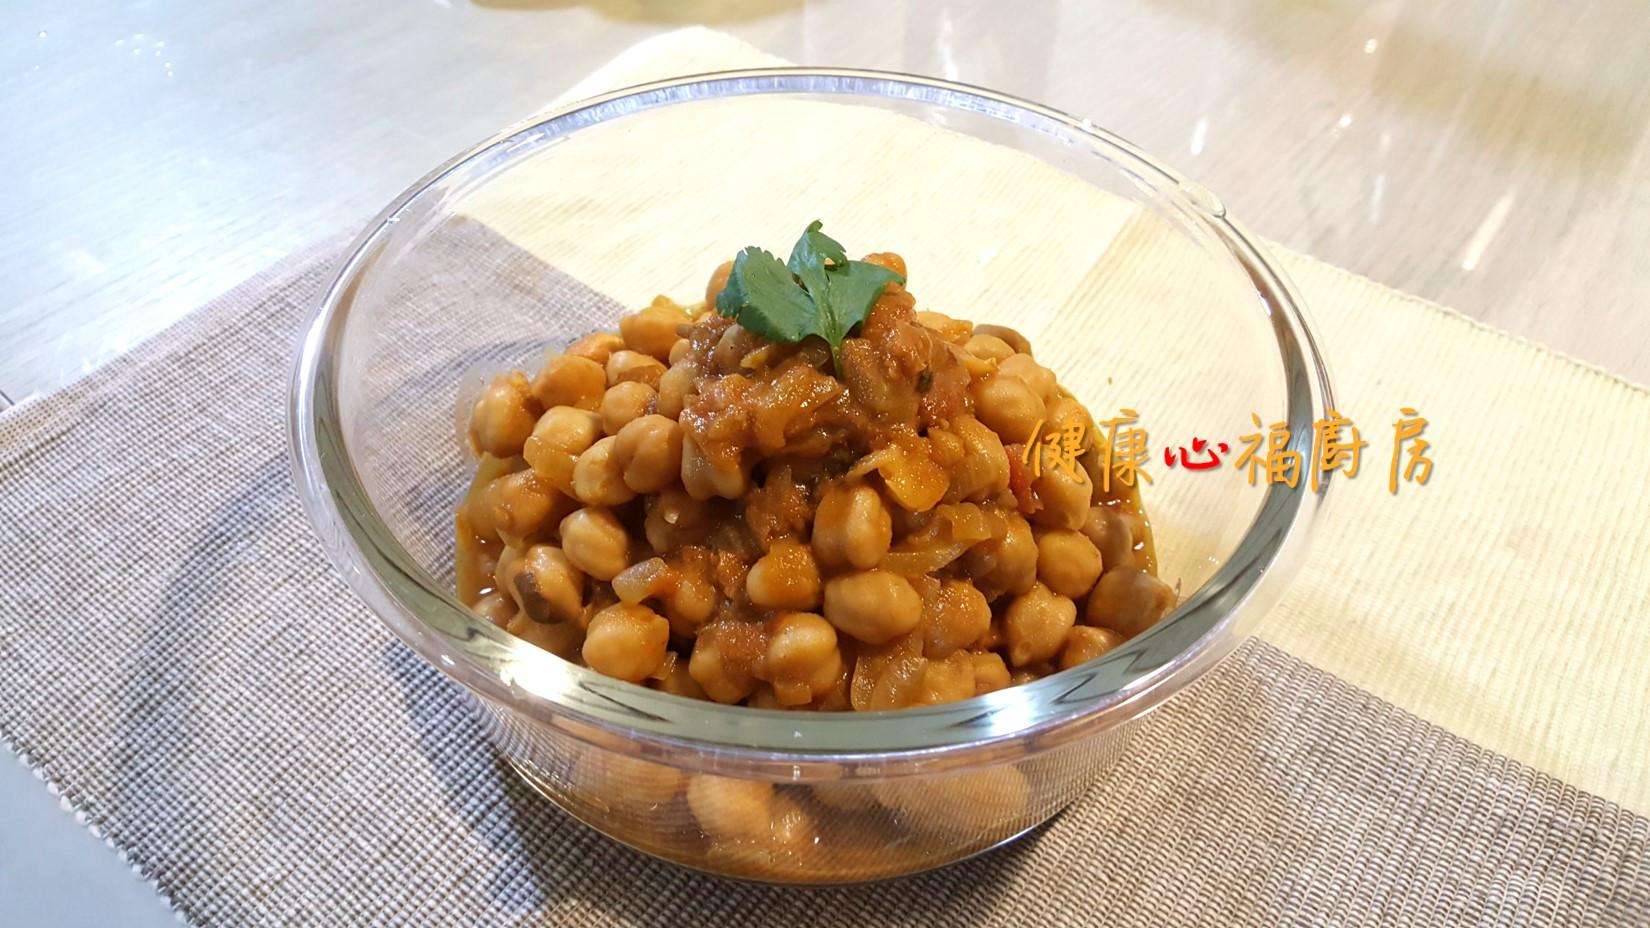 【阿公好料】鷹嘴豆(雪蓮子)咖哩/五辛素